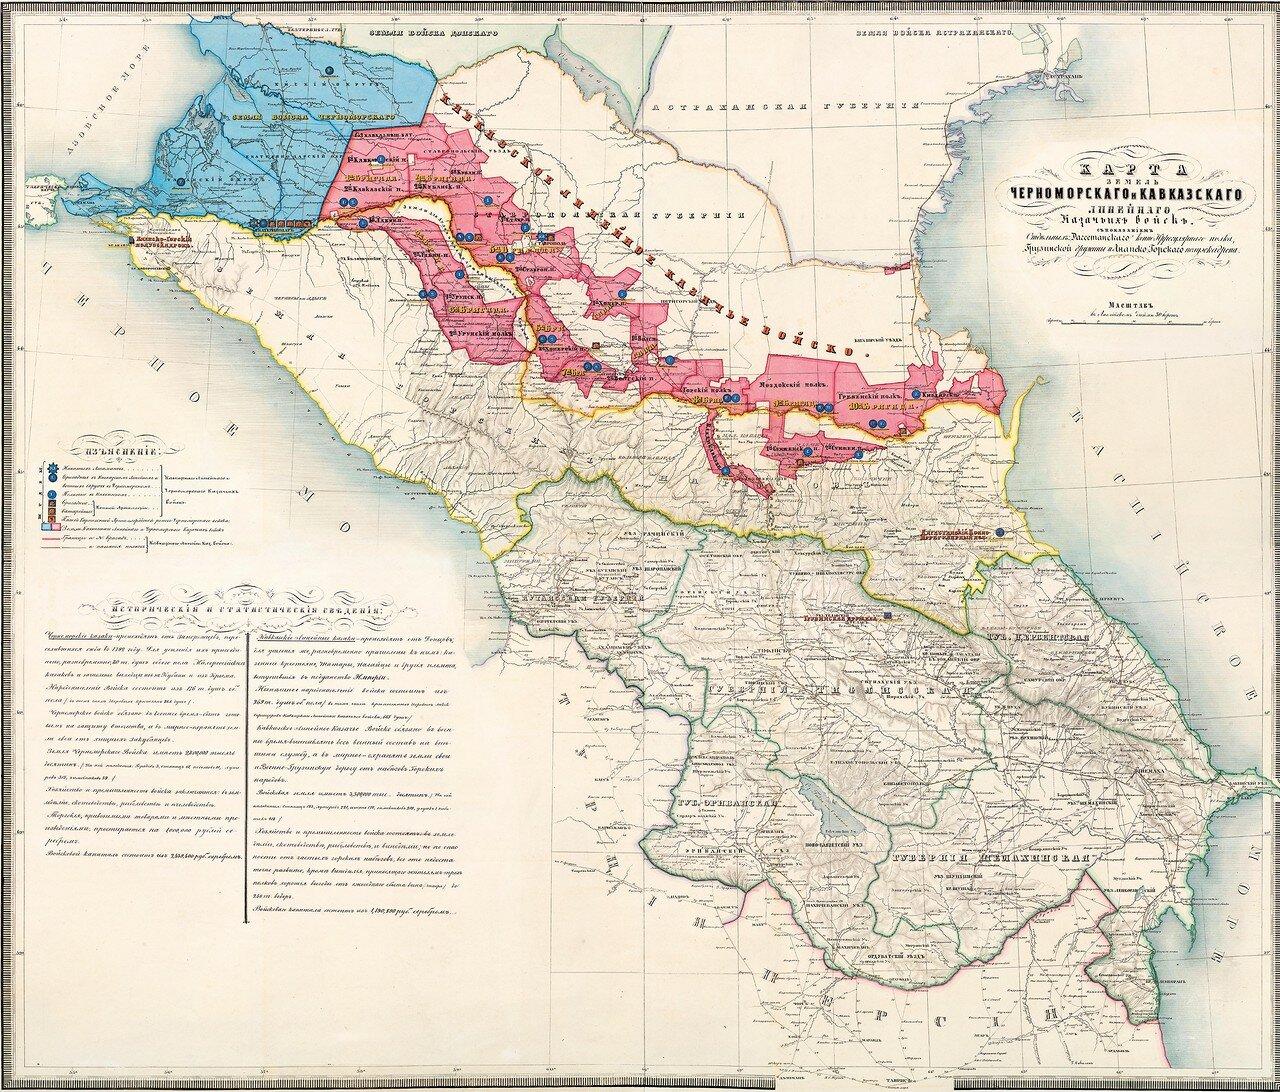 Карта Черноморского и Кавказского линейных казачьих войск